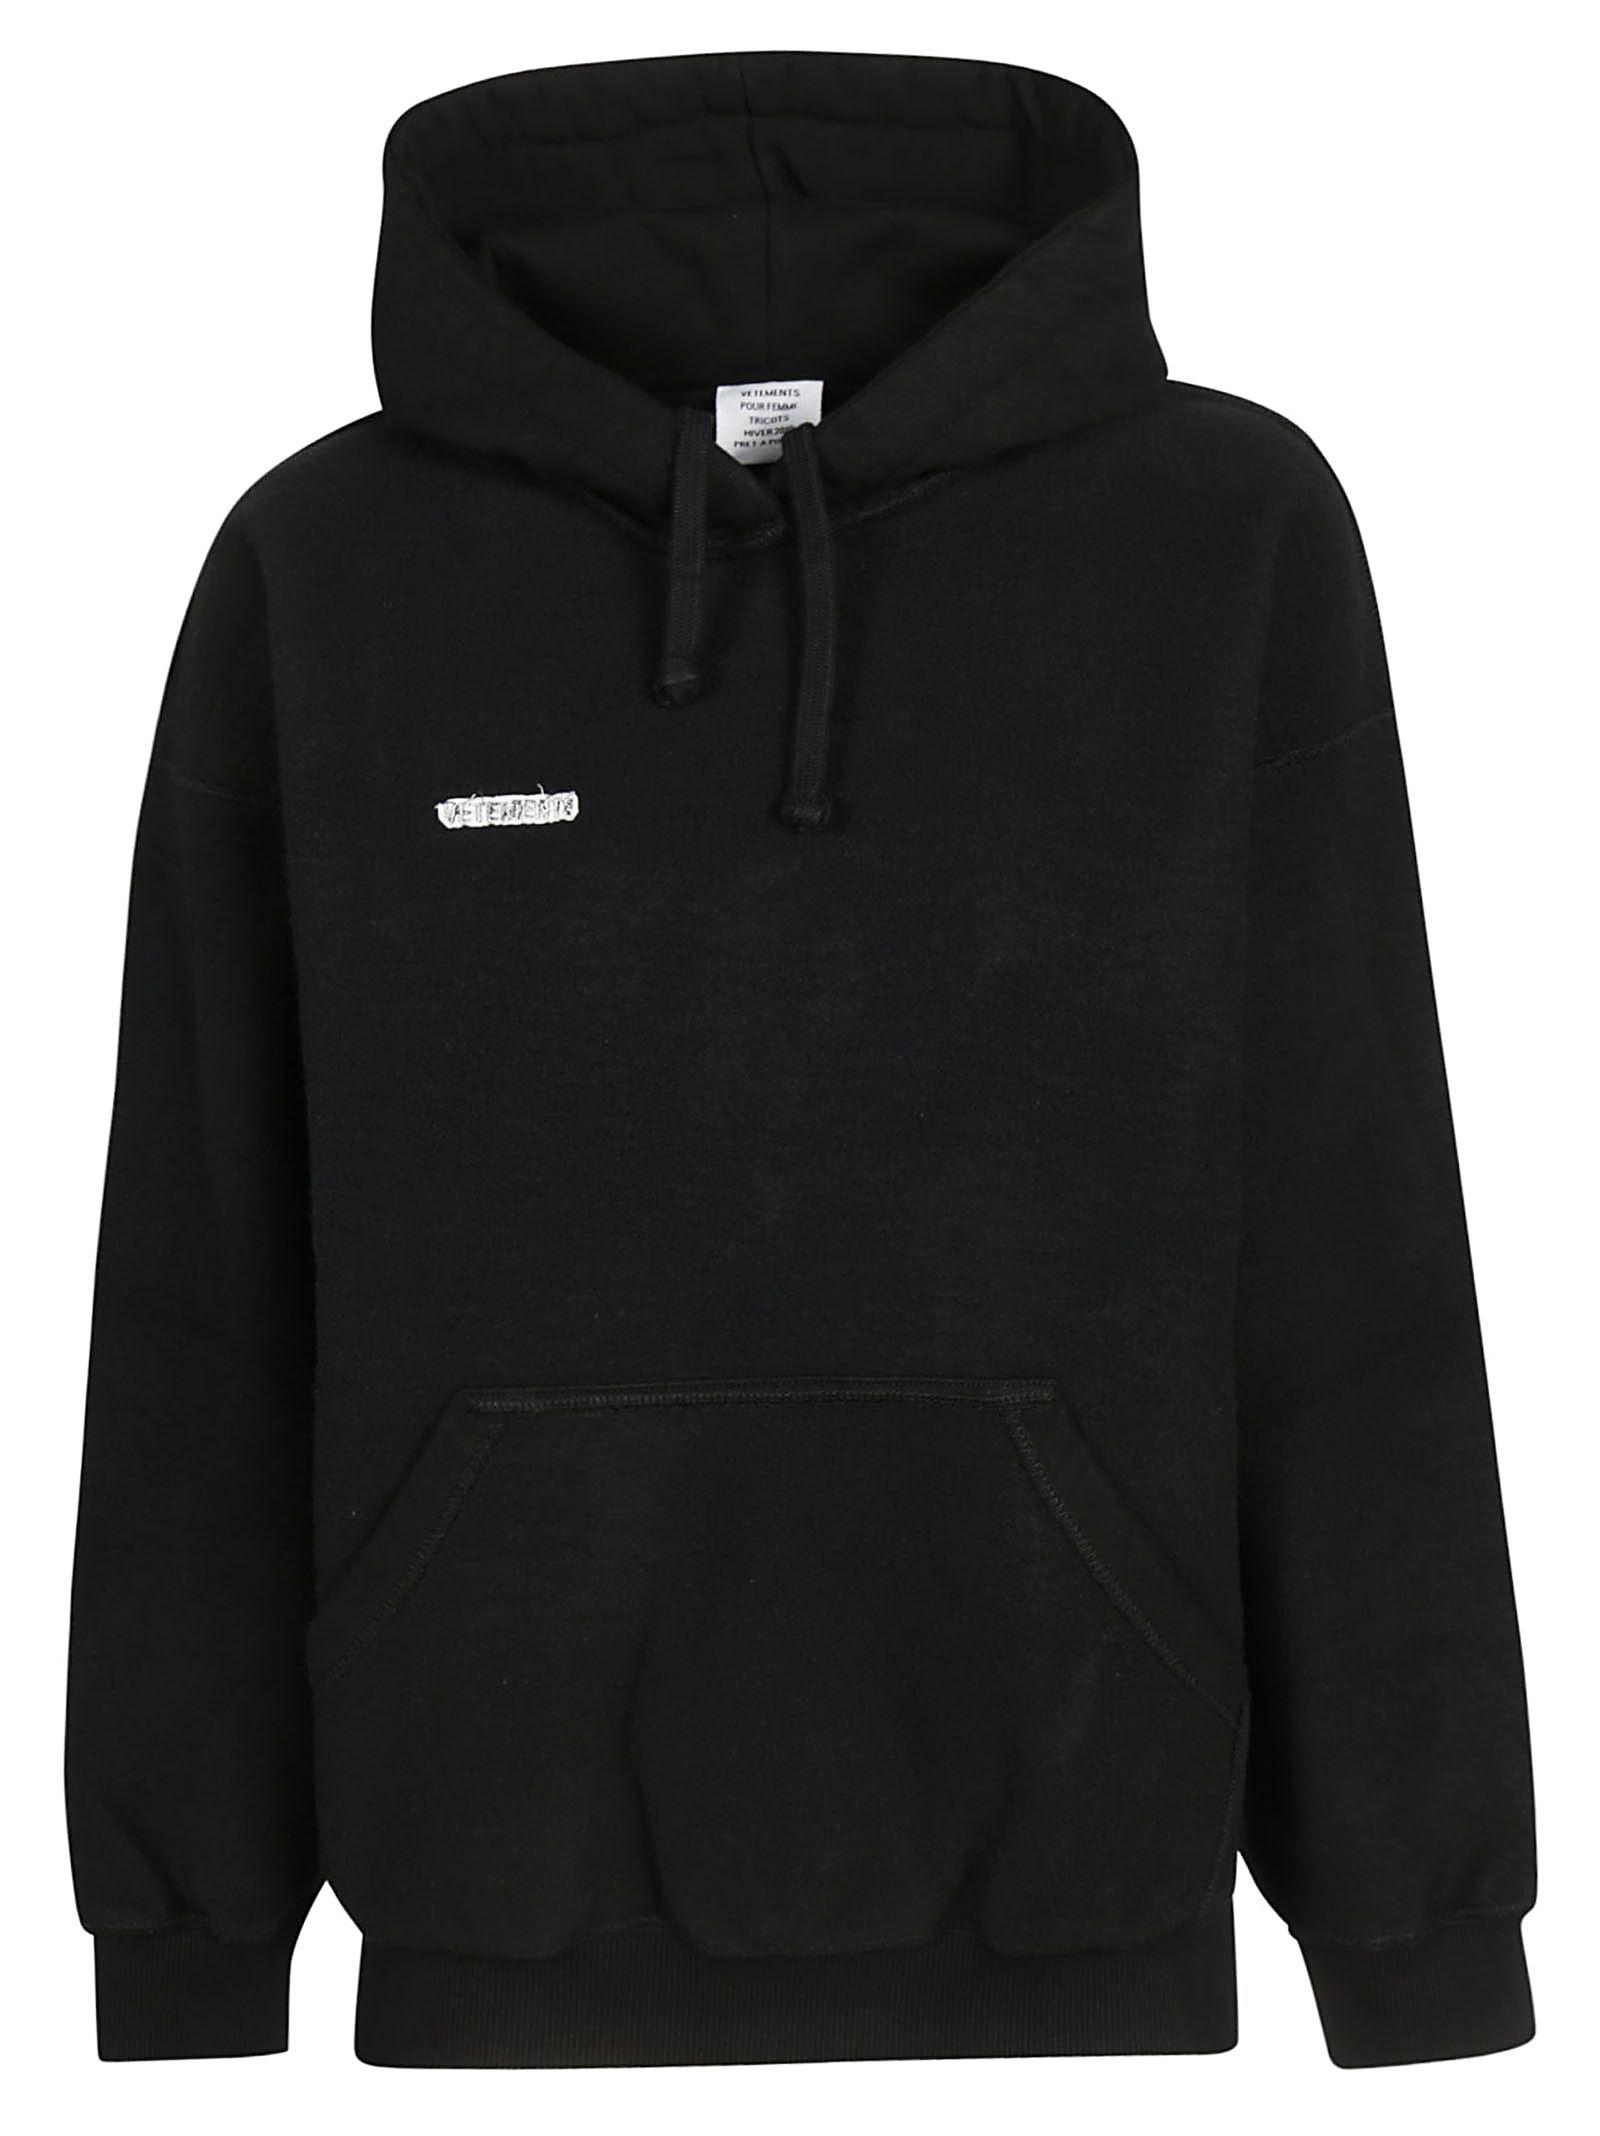 VETEMENTS Inside-Out Hoodie in Black